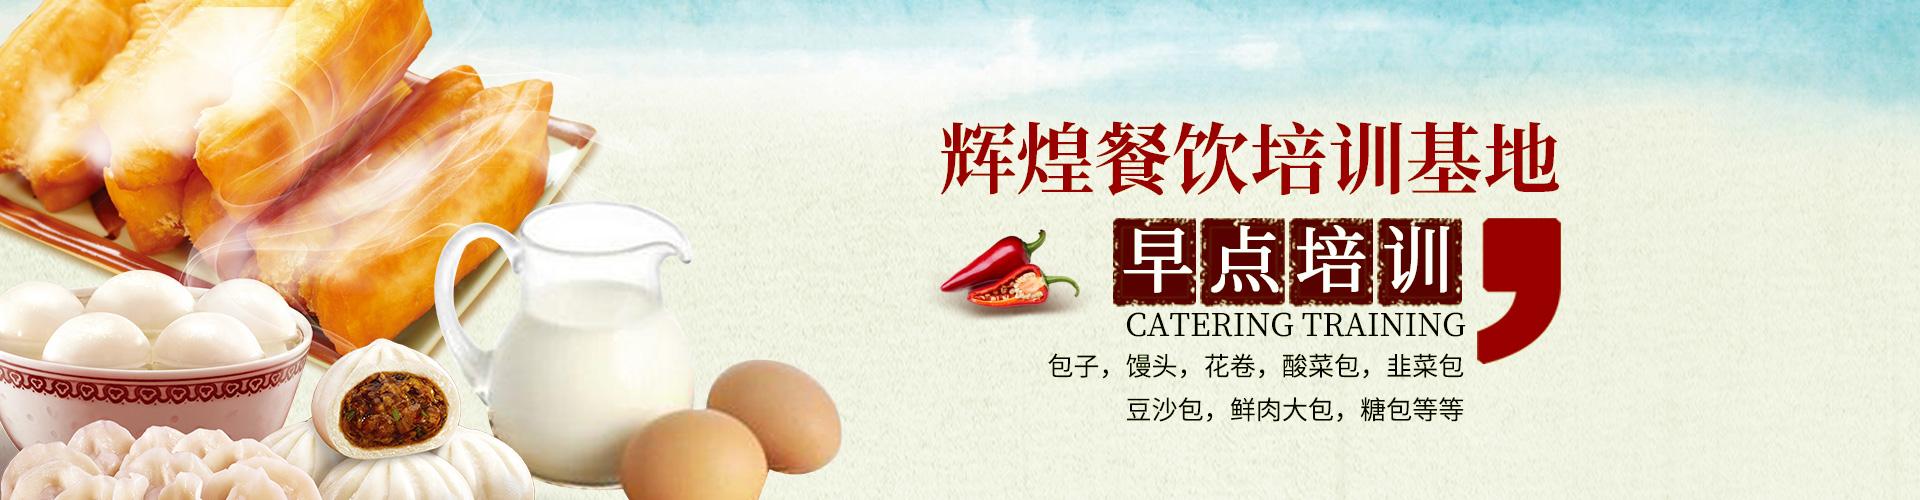 重庆早餐培训注意事项—学习开早餐店,选址很重要!